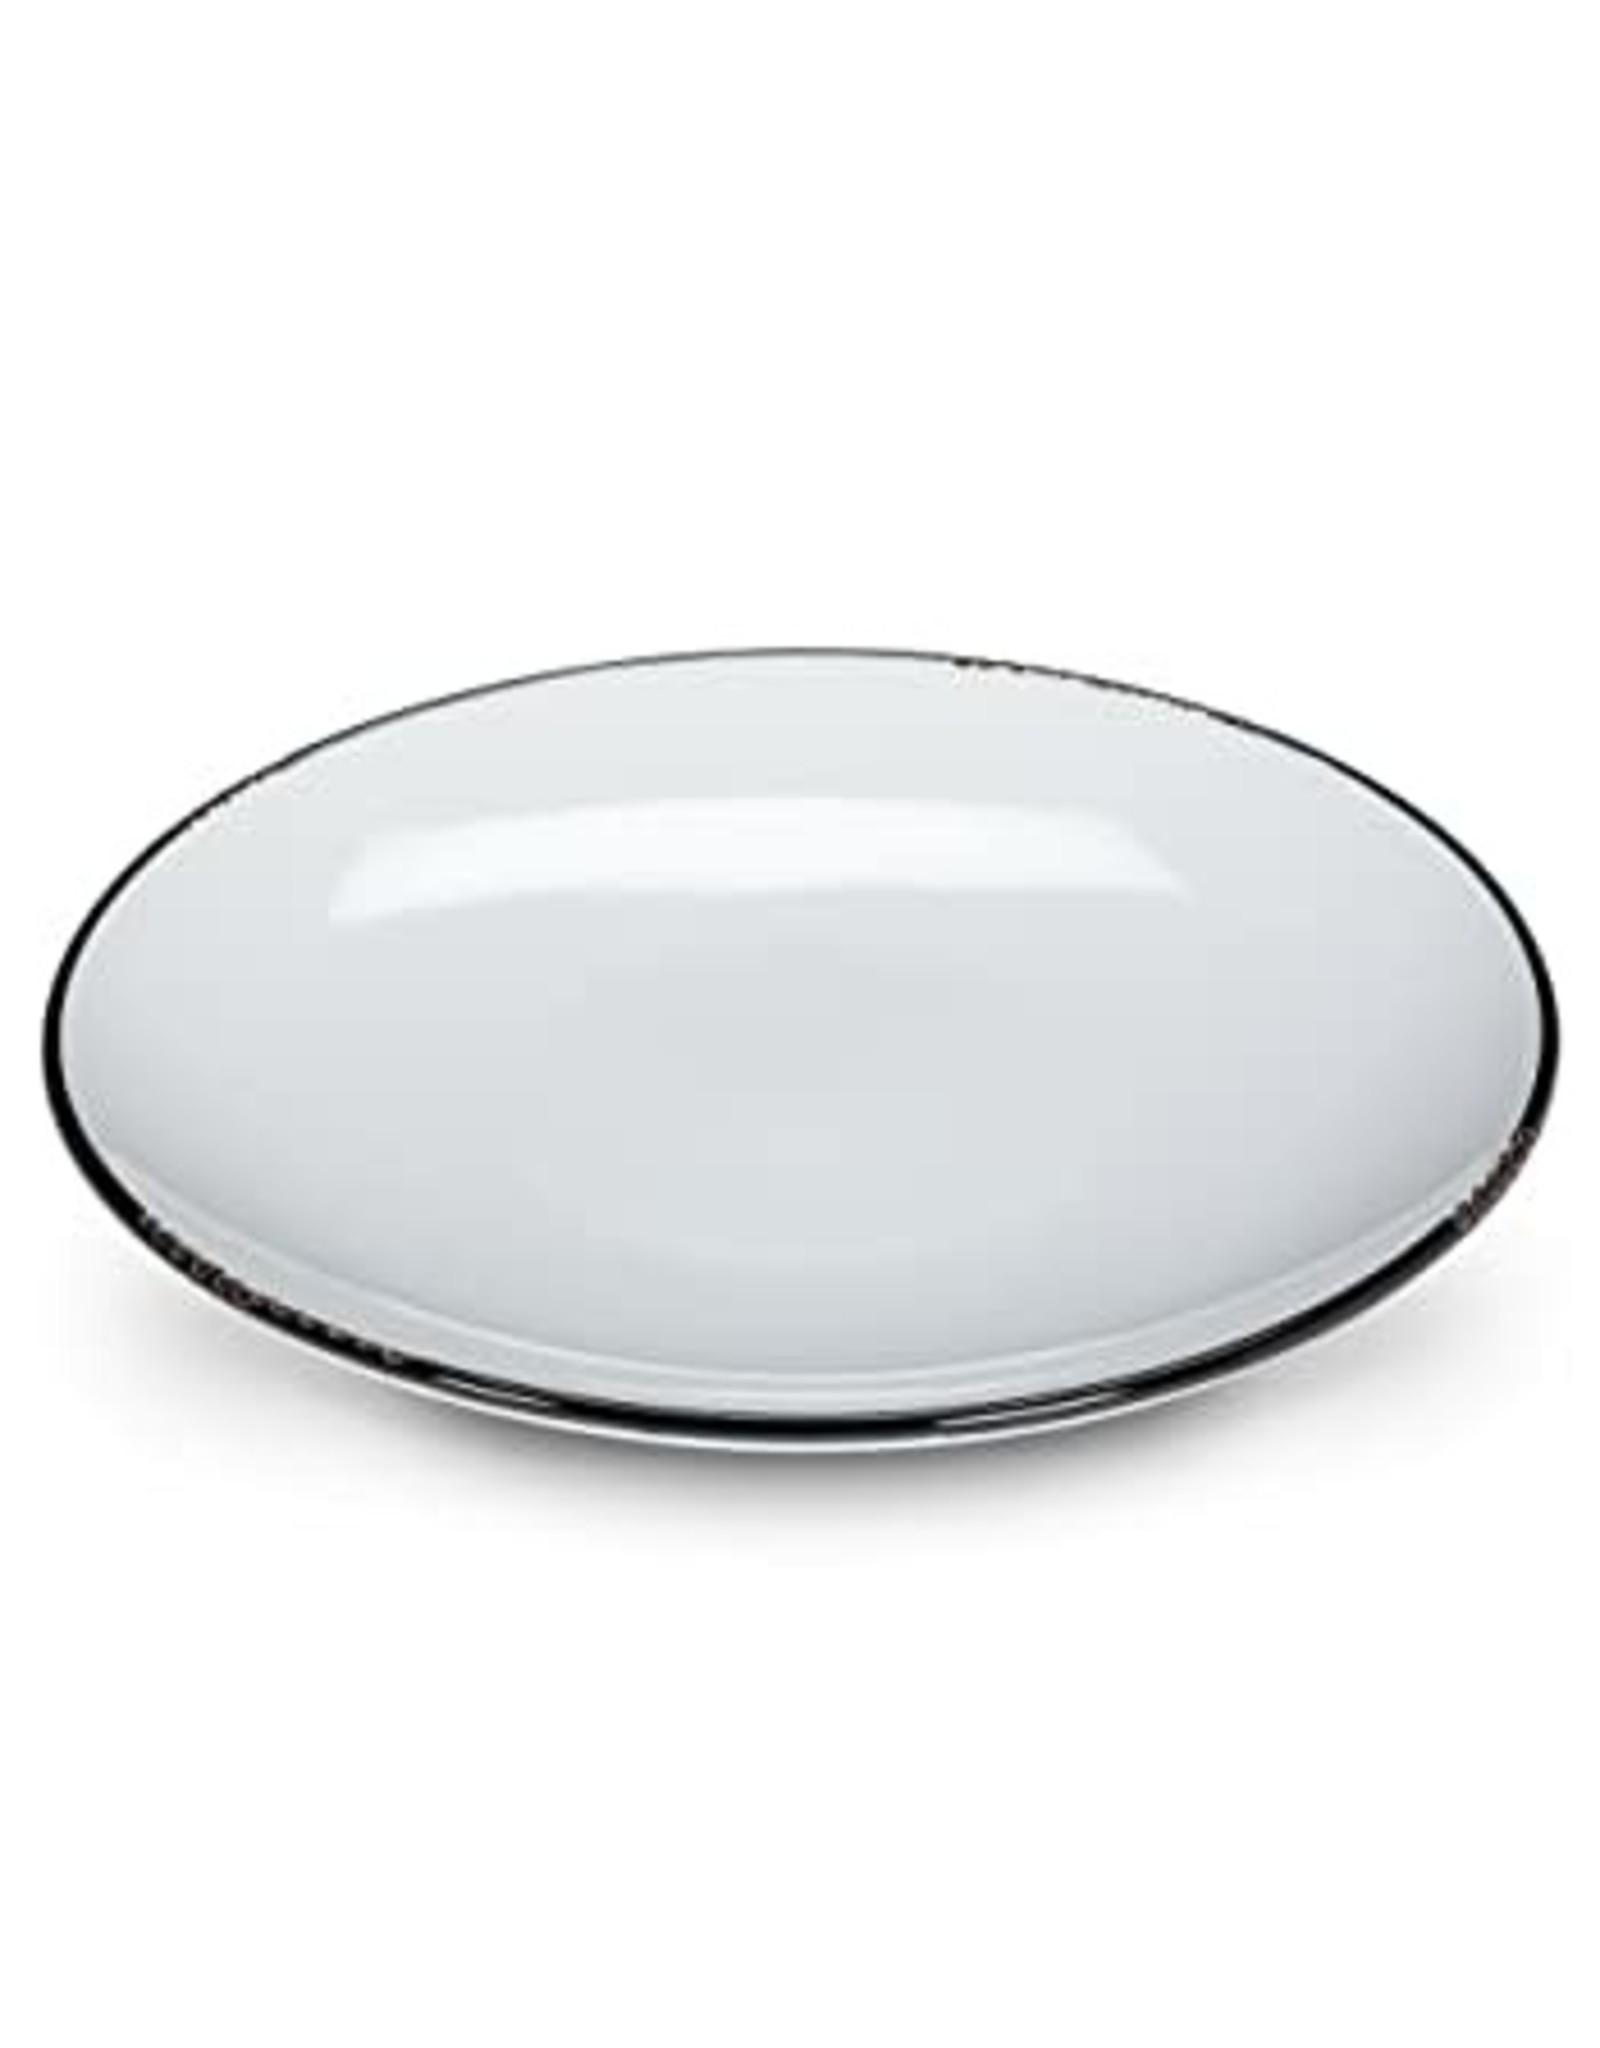 Abbott White Plate